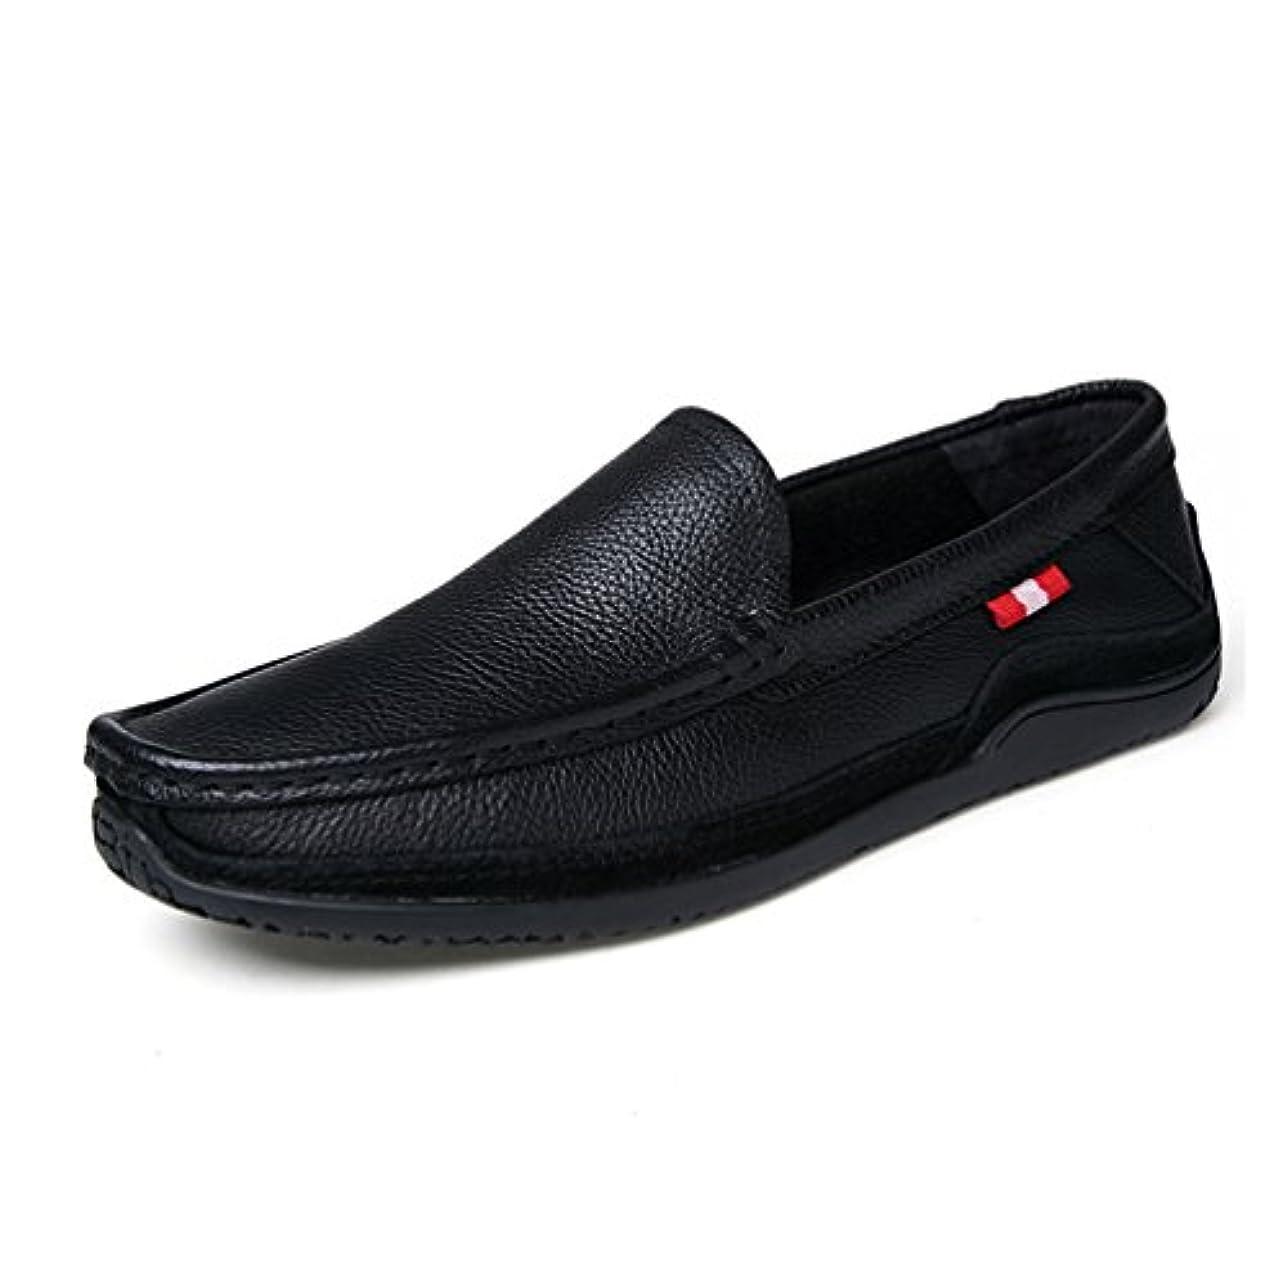 シャットマッサージ暴露するドライビングシューズ メンズ スリッポン ローファー 革靴 モカシン フォーマル大人 ローカット カジュアル 通気性 夏 男の子 滑べ止め 男性 黒 ブラウン レッド 通勤 職場 屈曲性 軽量 歩きやすい